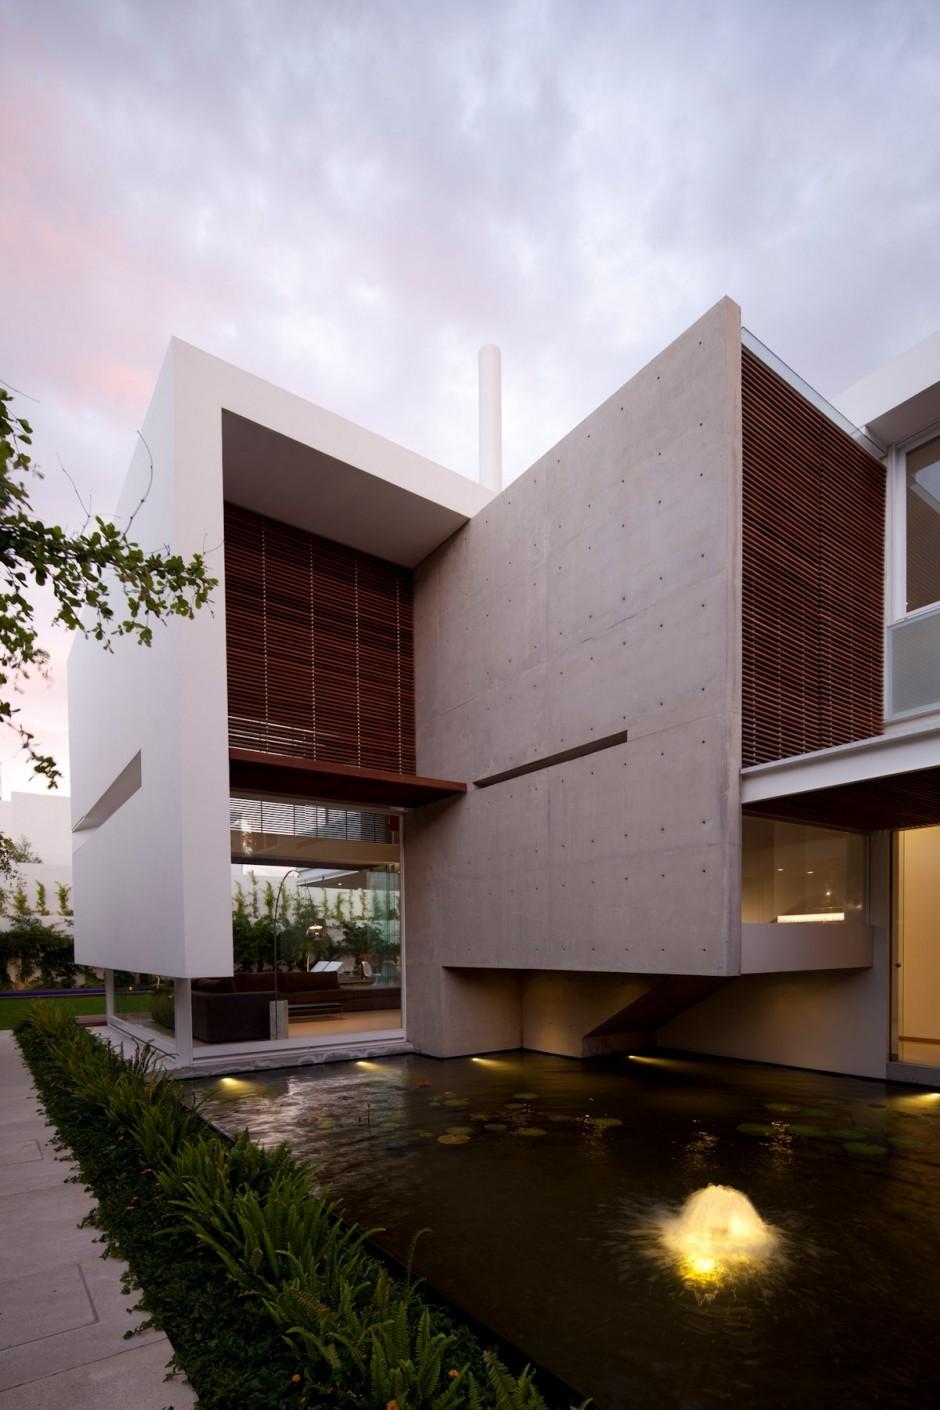 Maravillosa fachada de casa moderna en Mxico  Fachadas